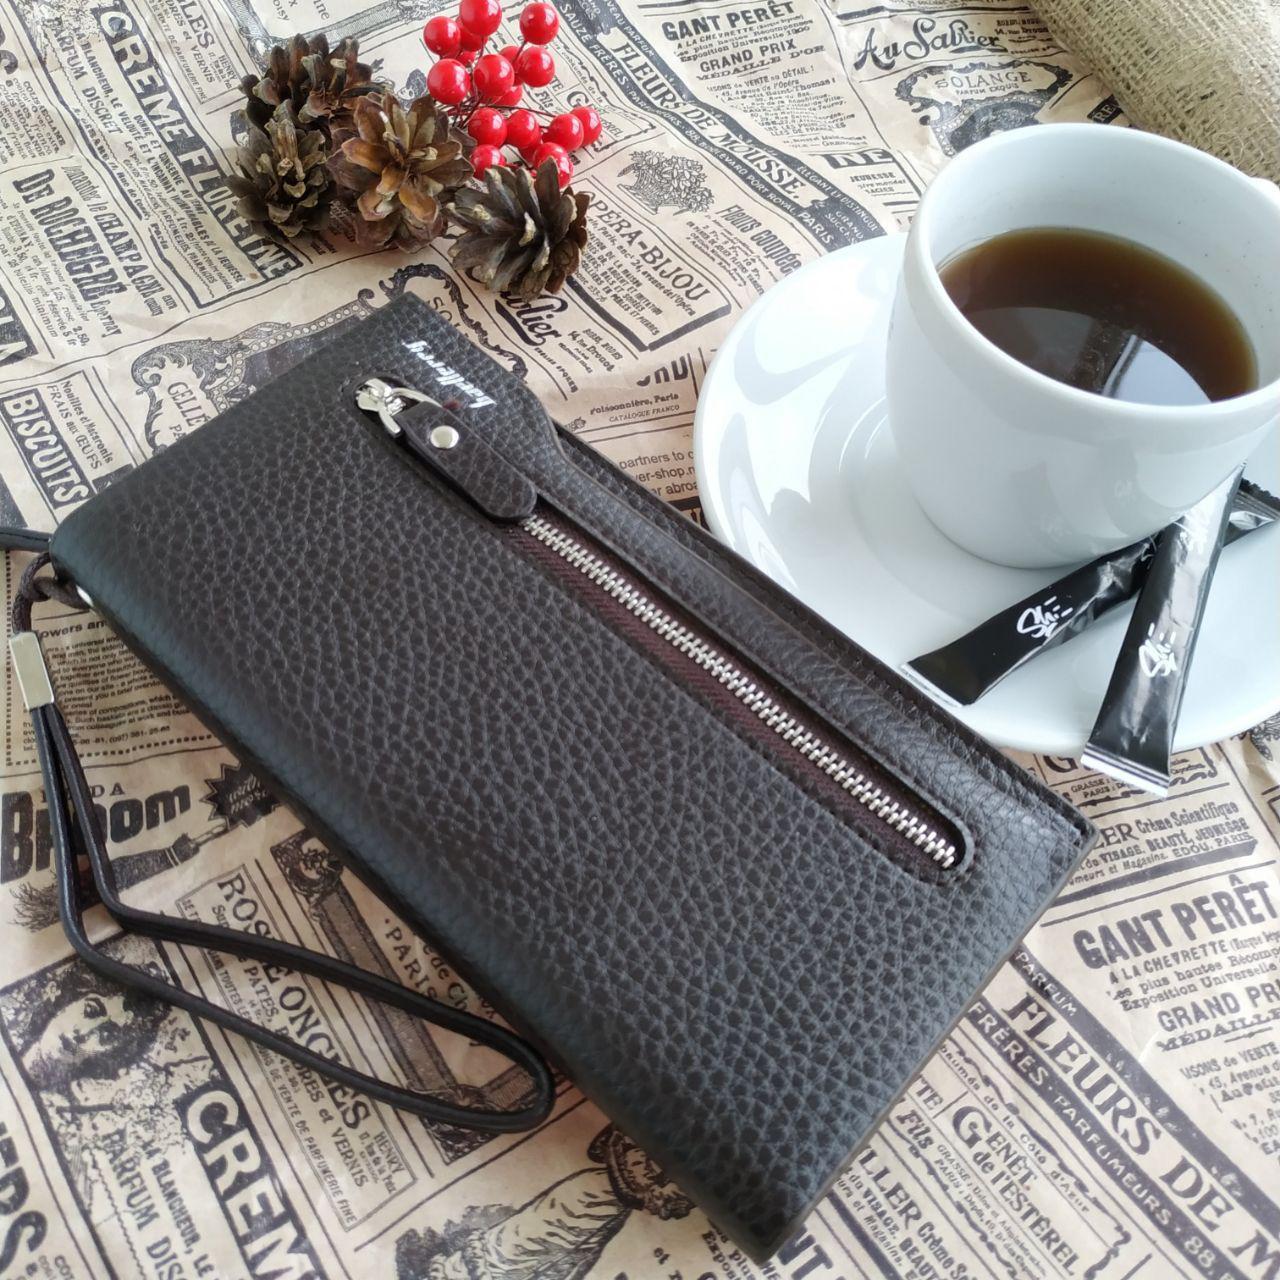 Мужской бумажник Baellerry Monaco (портмоне, кошелек, клатч) Коричневый.